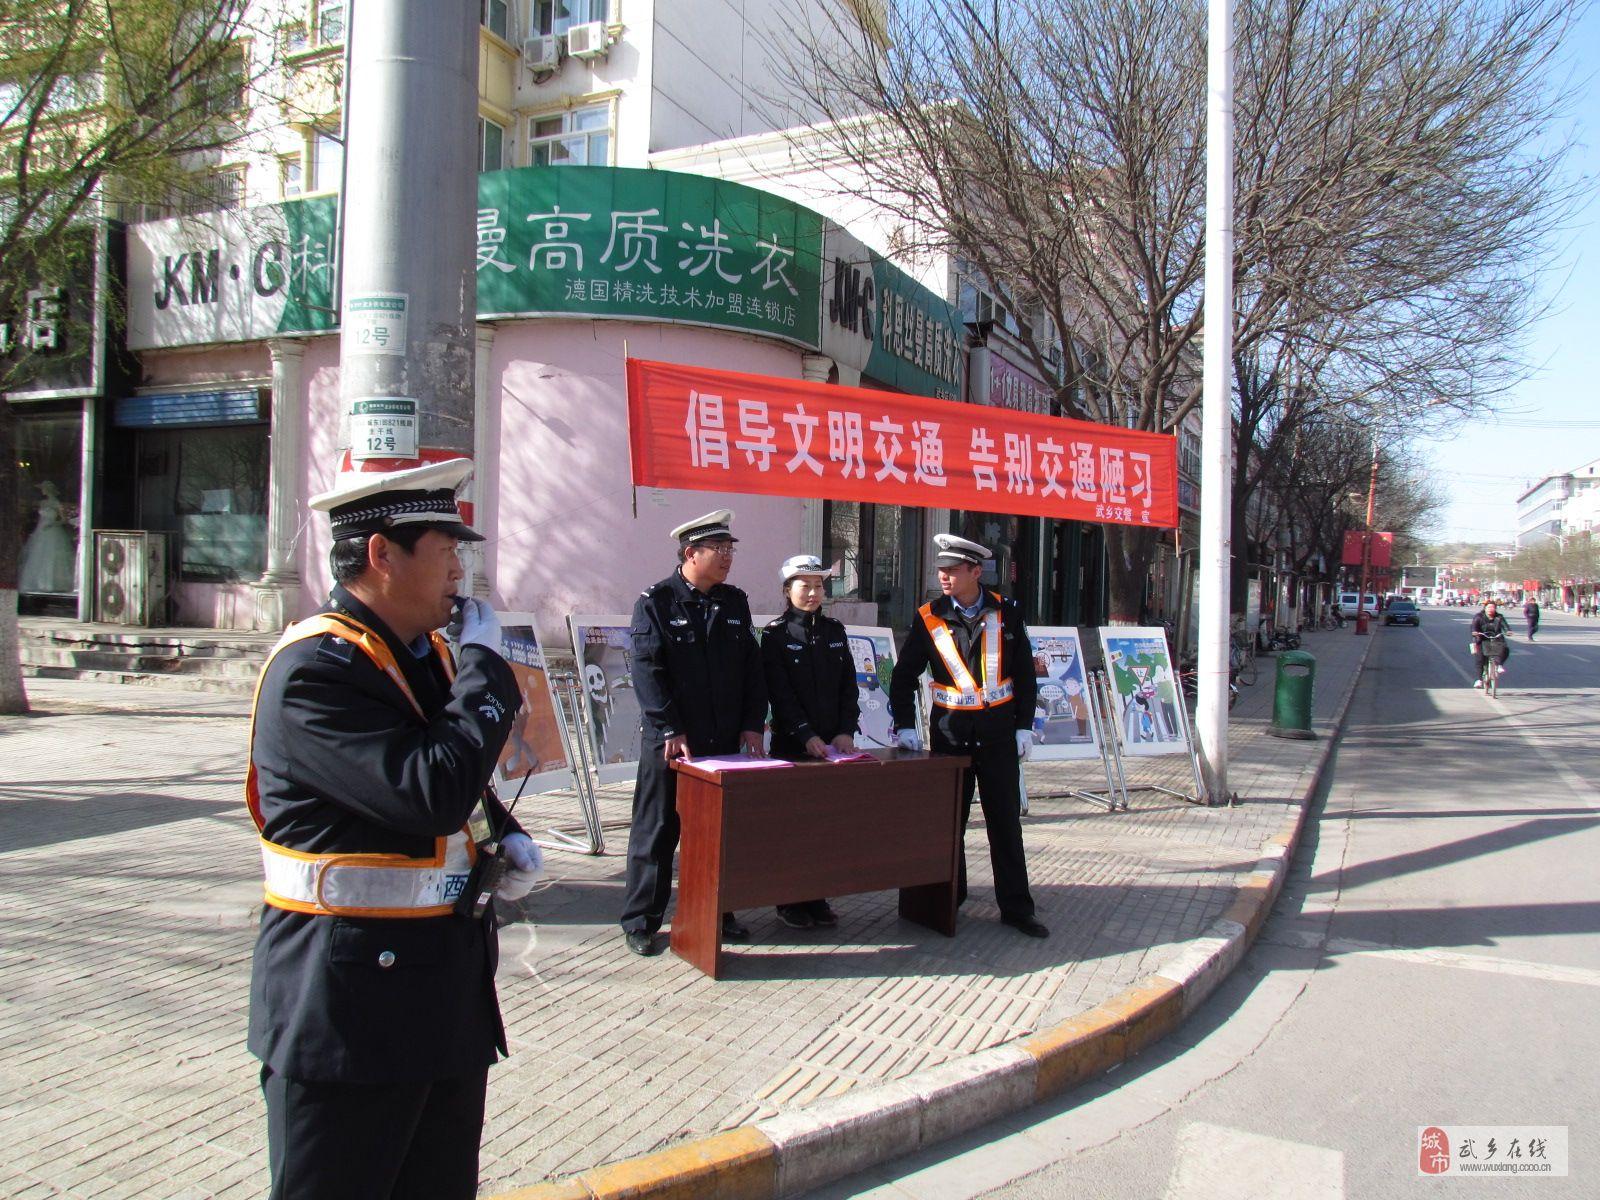 武乡交警第一线全国分数线高中是多少图片